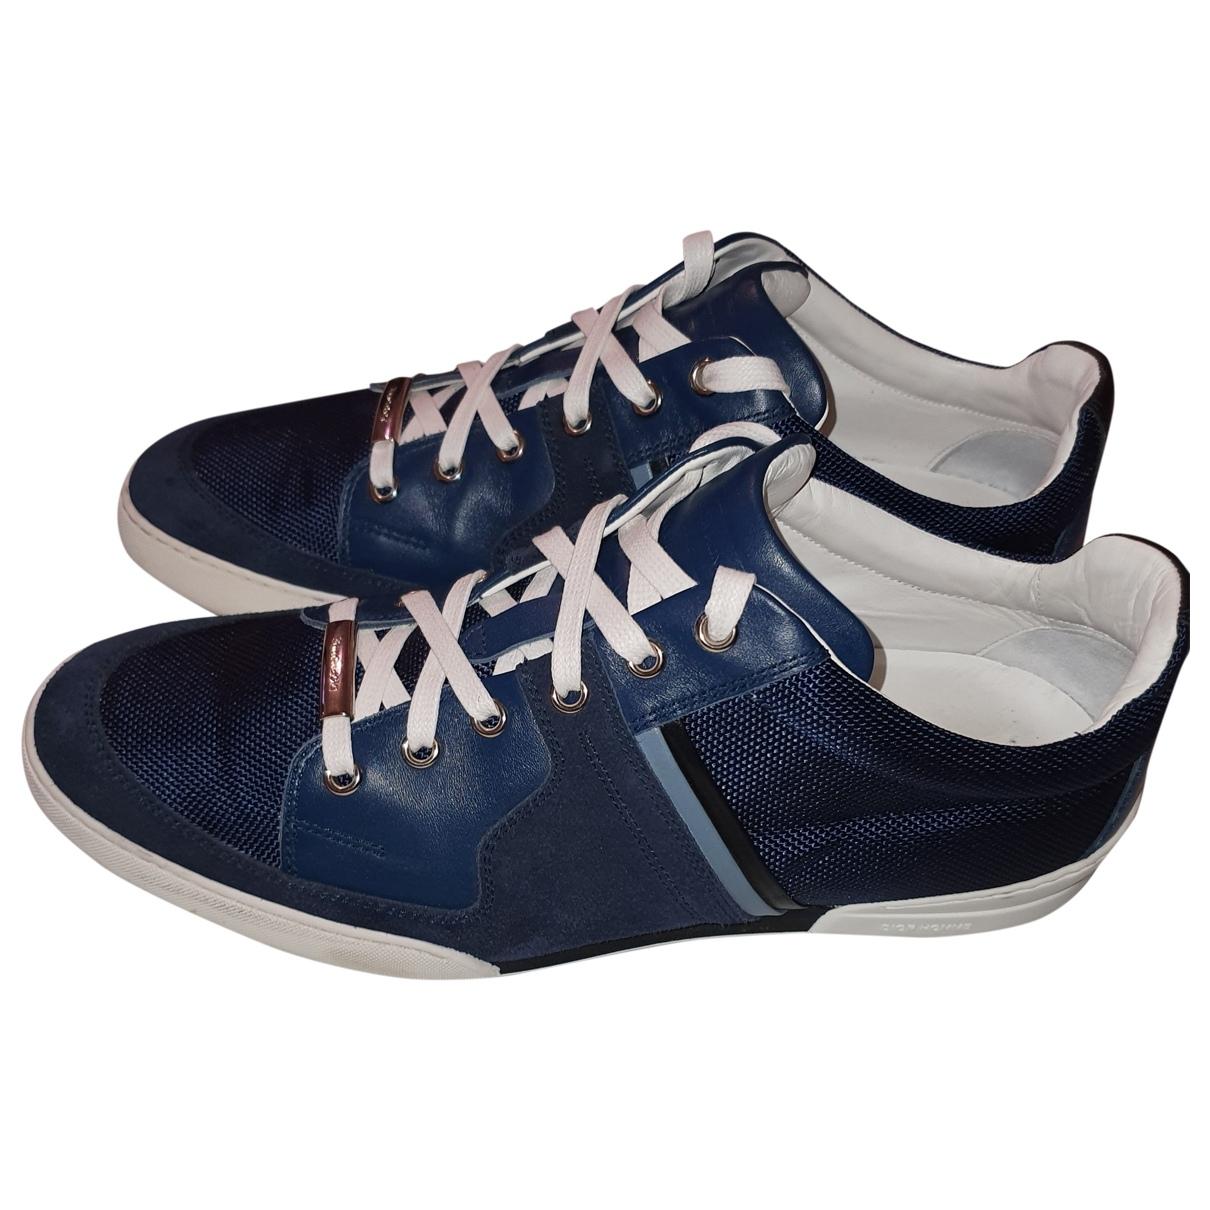 Dior Homme - Baskets B18 pour homme en cuir - bleu